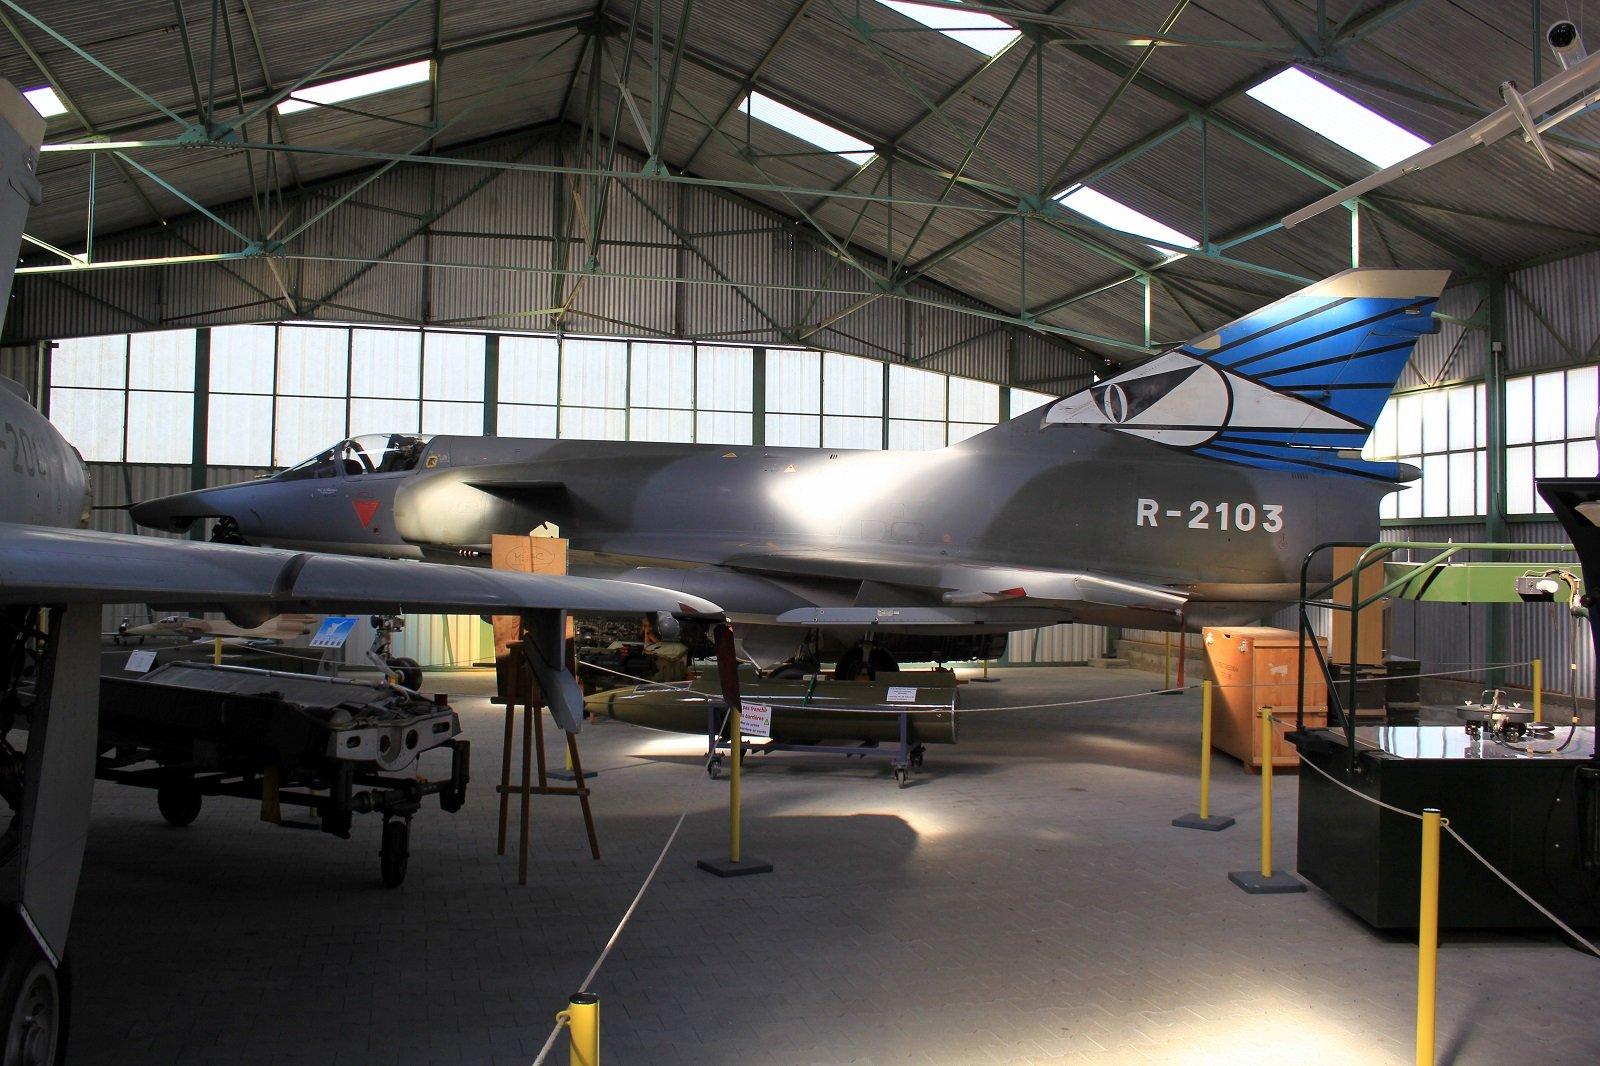 musée de l'aviation de chasse de Montelimar  - Page 2 191030070547779735